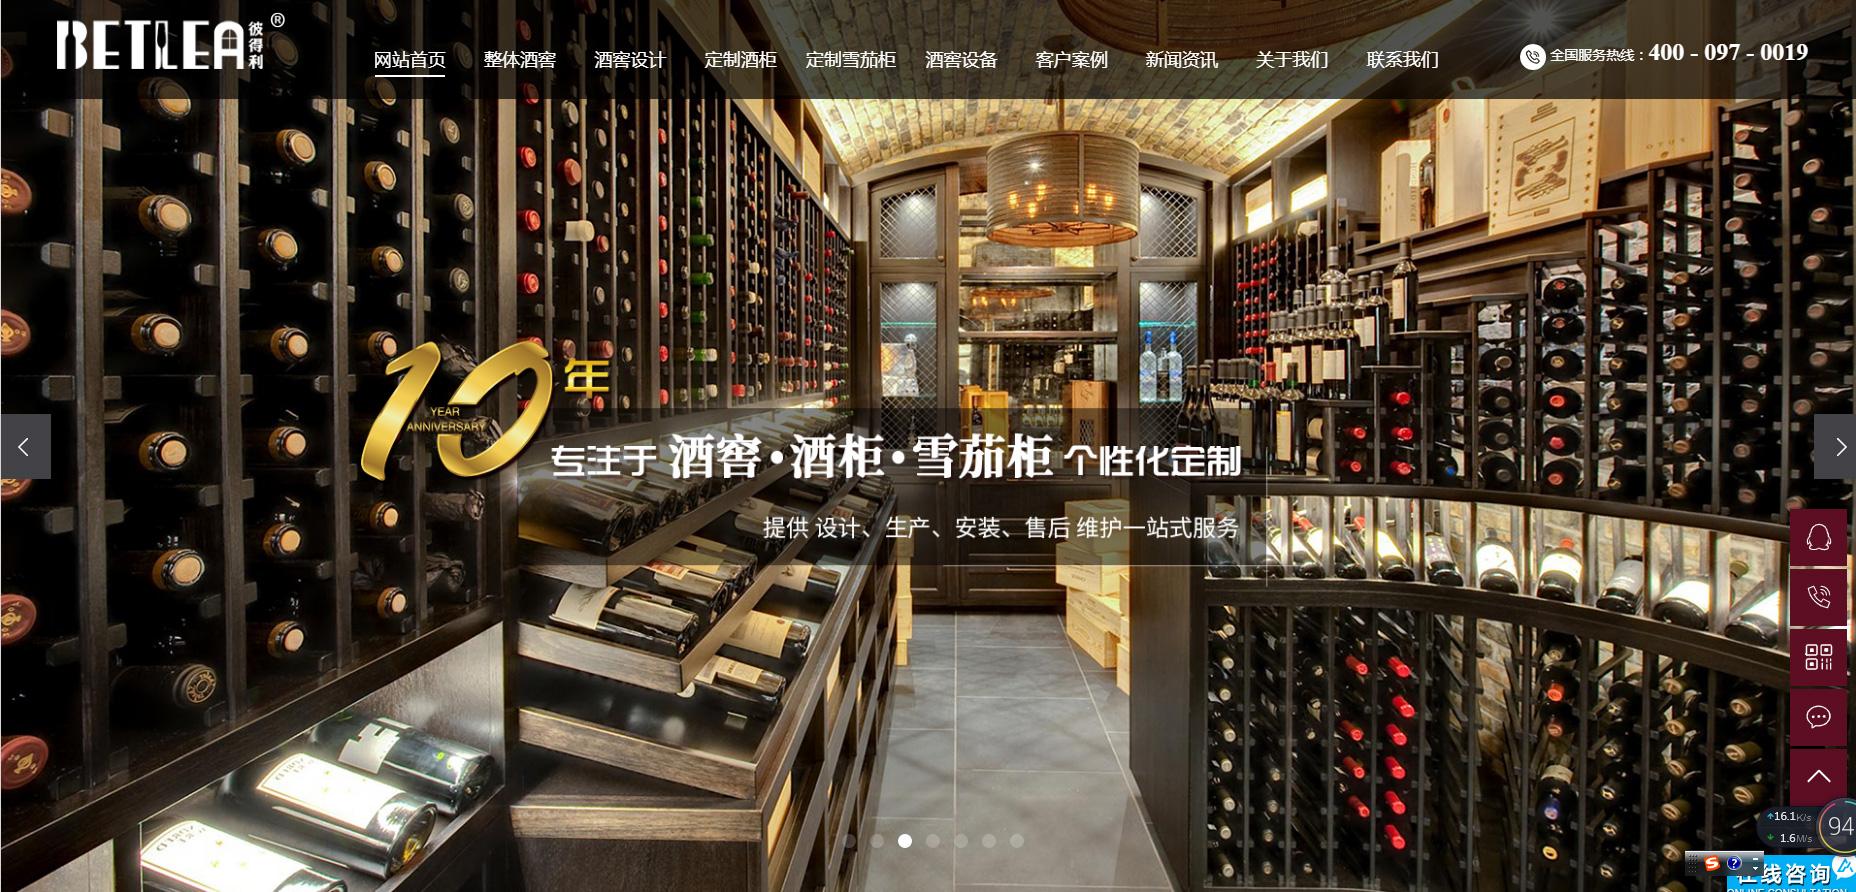 武汉市彼得利酒窖科技有限公司